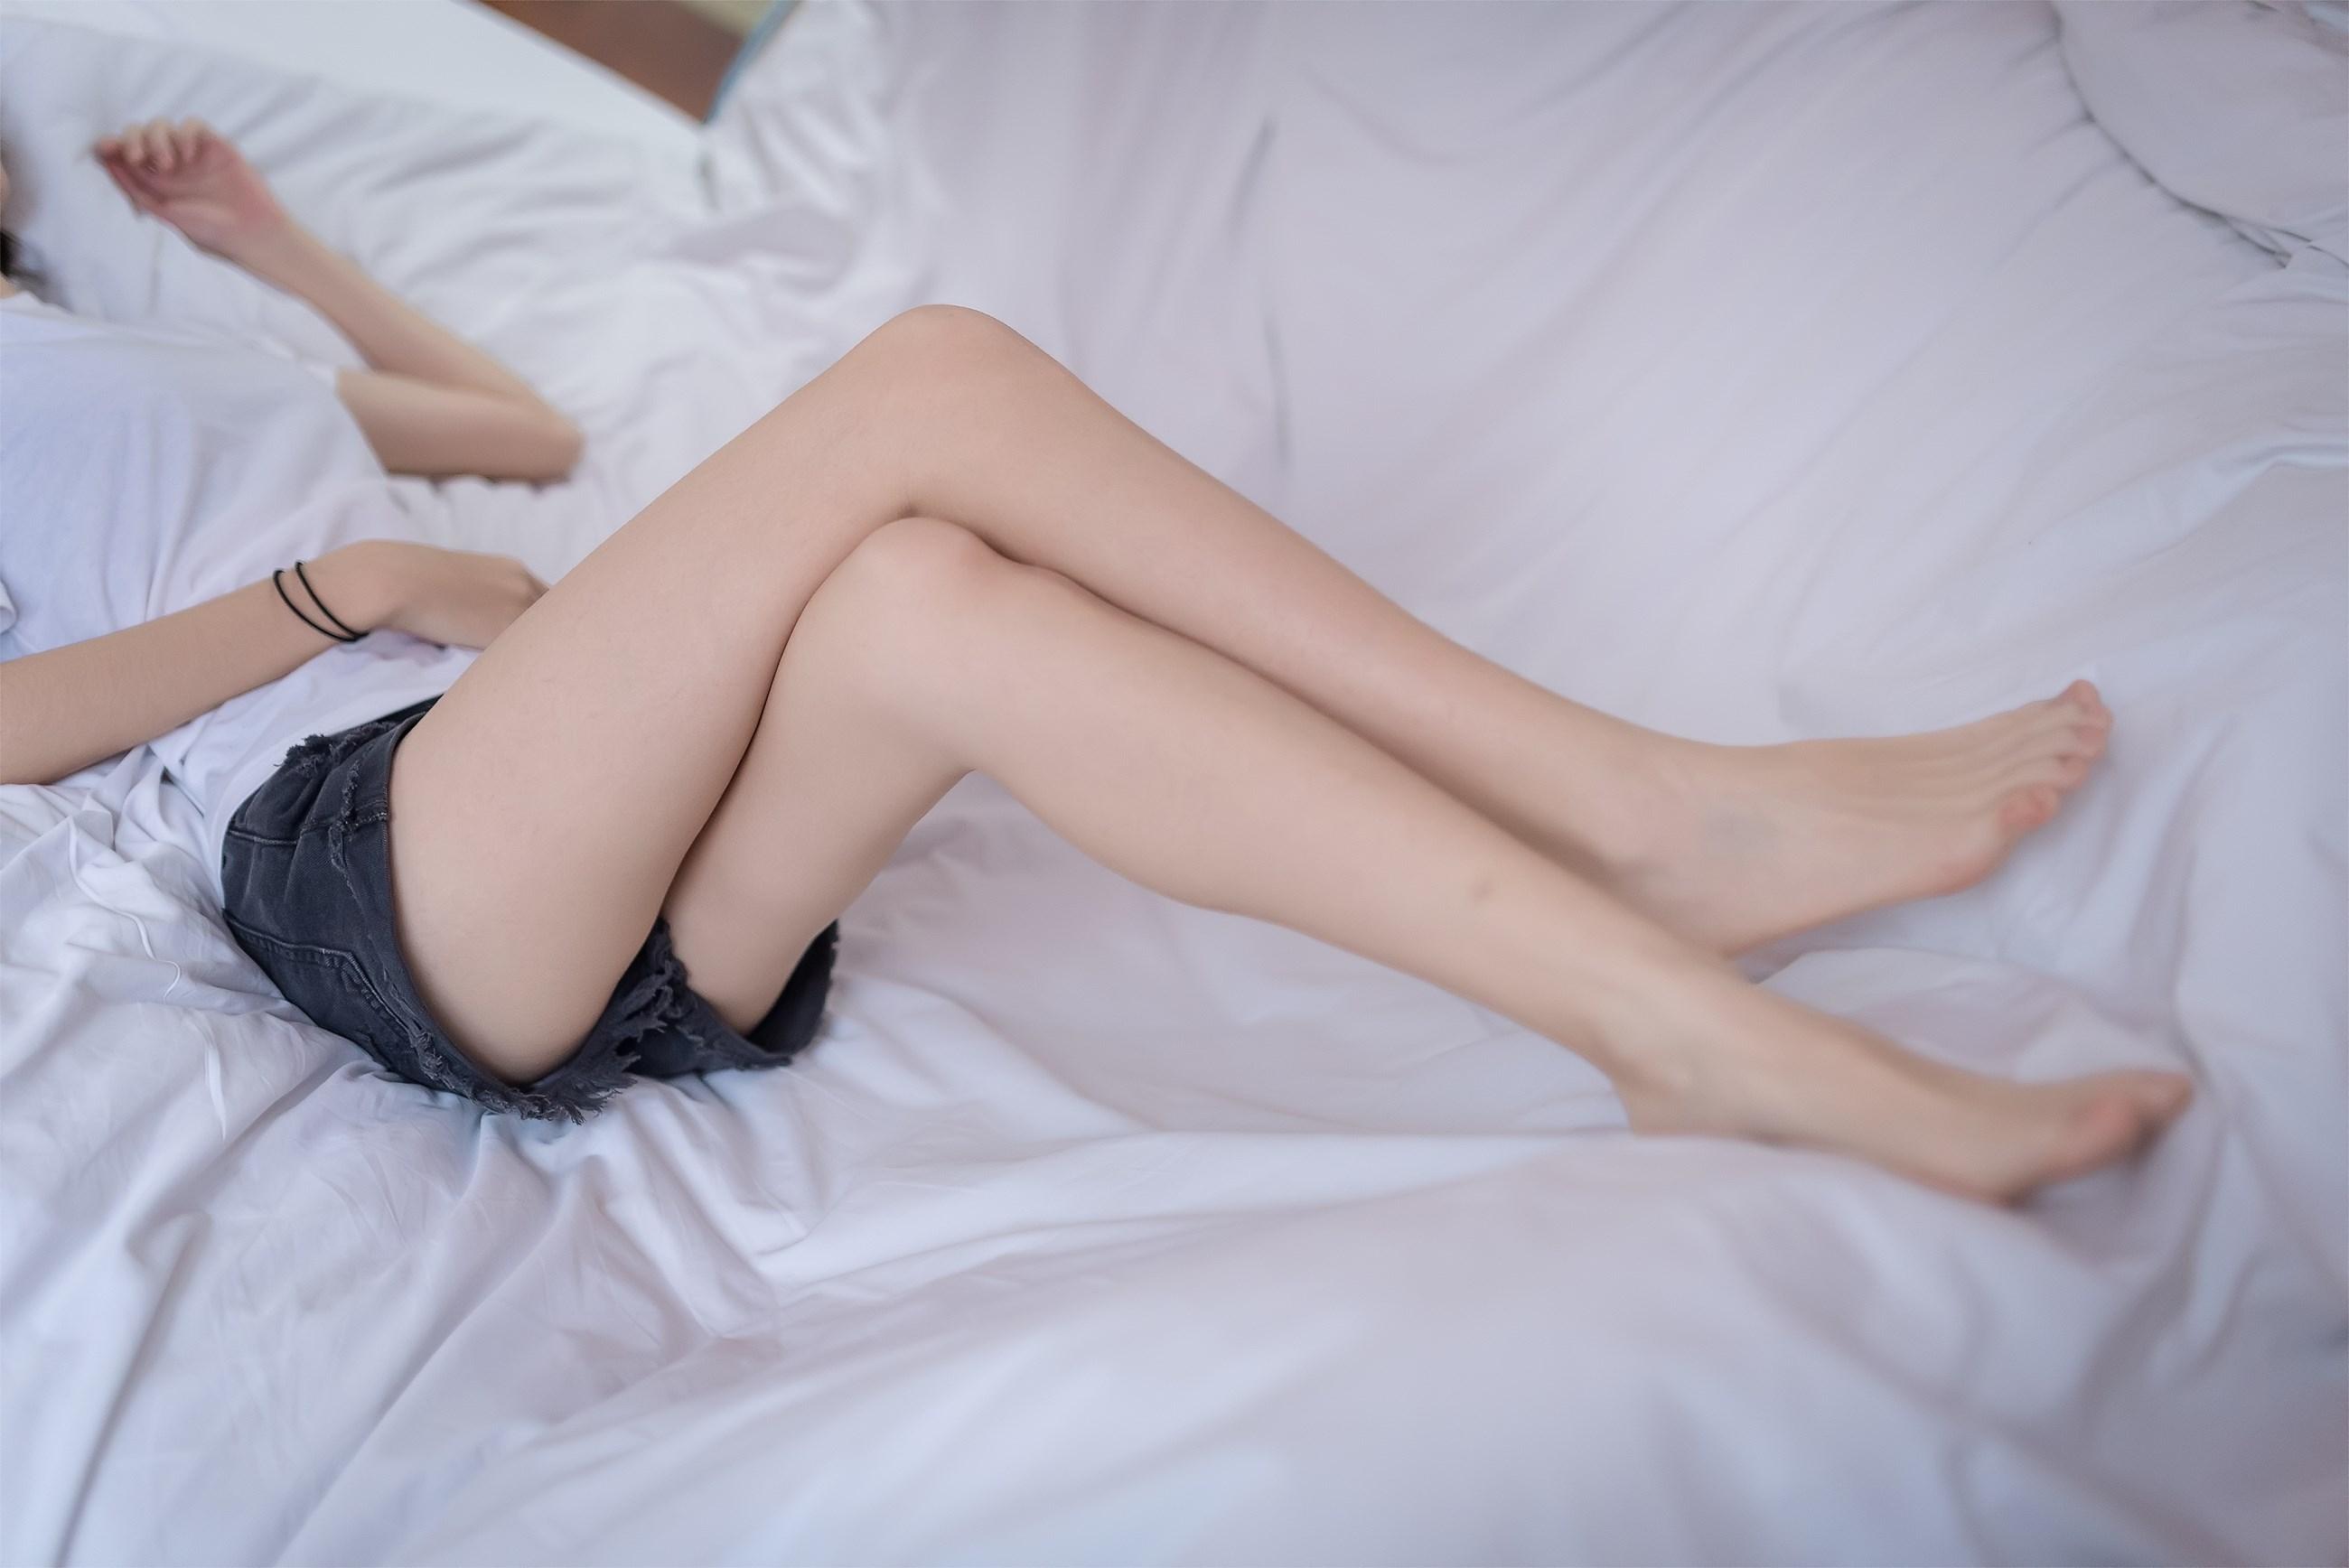 【兔玩映画】果腿少女 兔玩映画 第28张